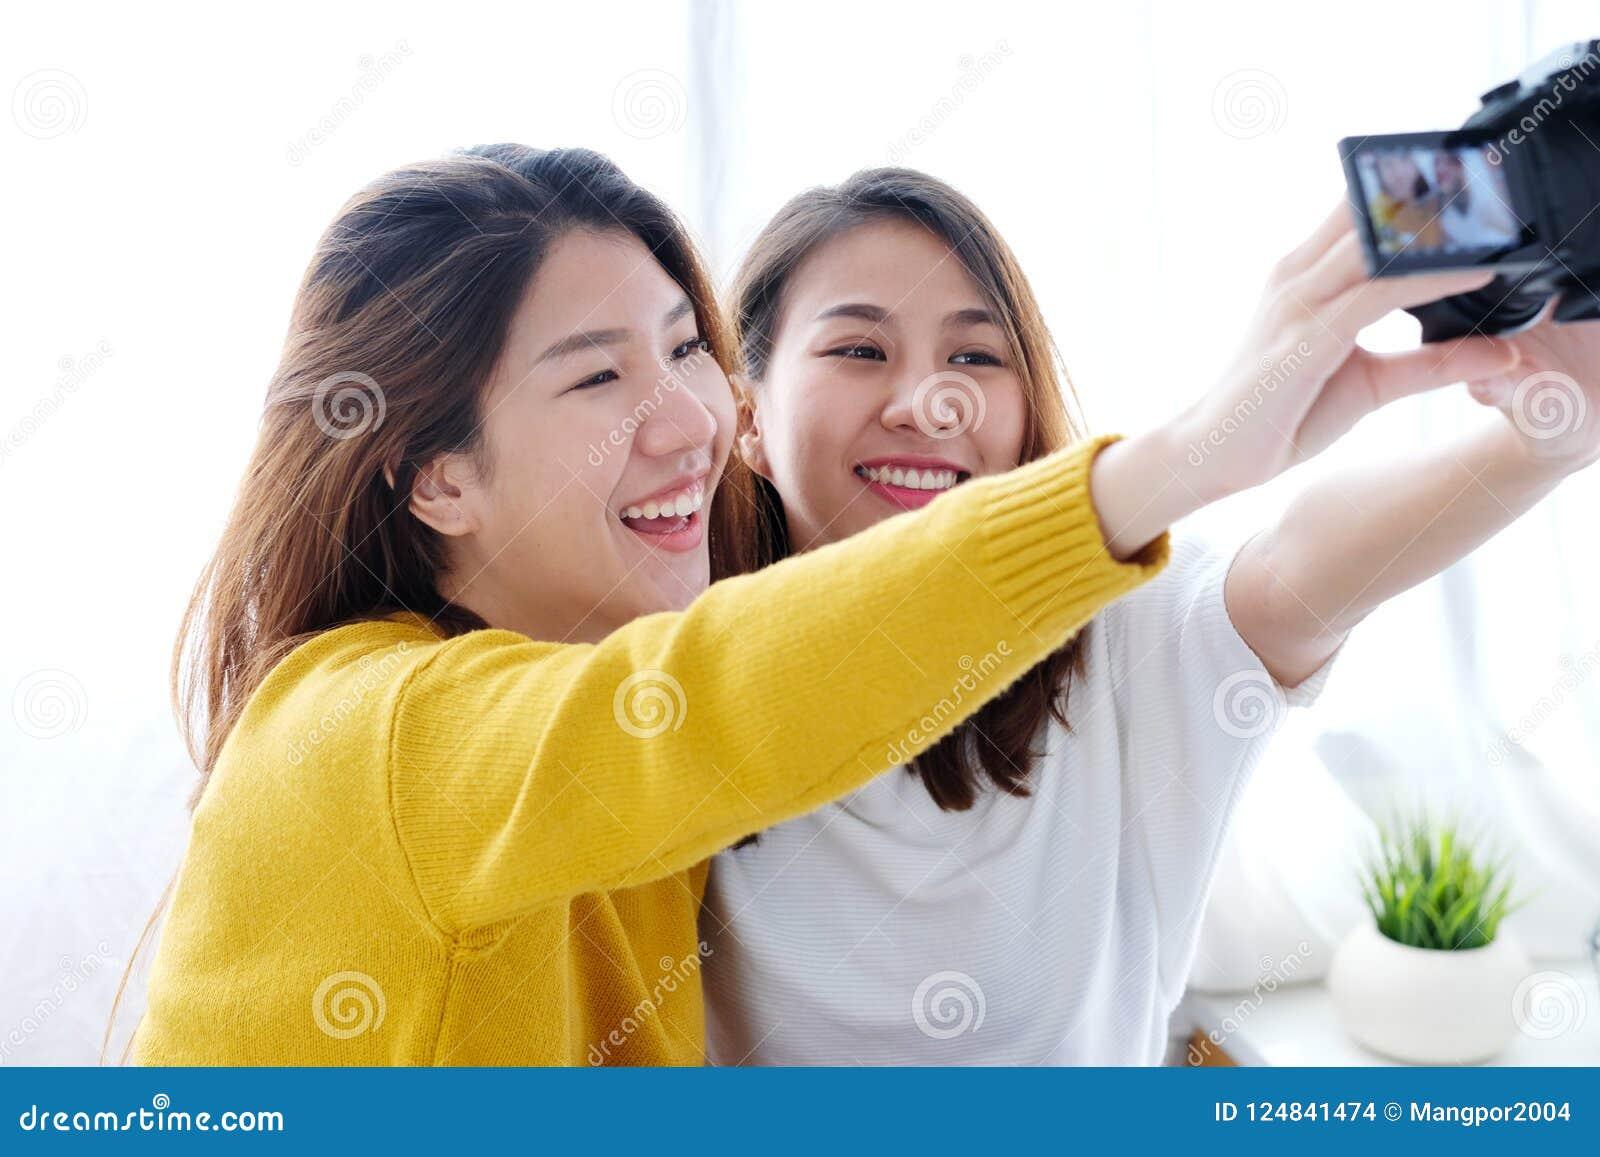 Lesbian Camera